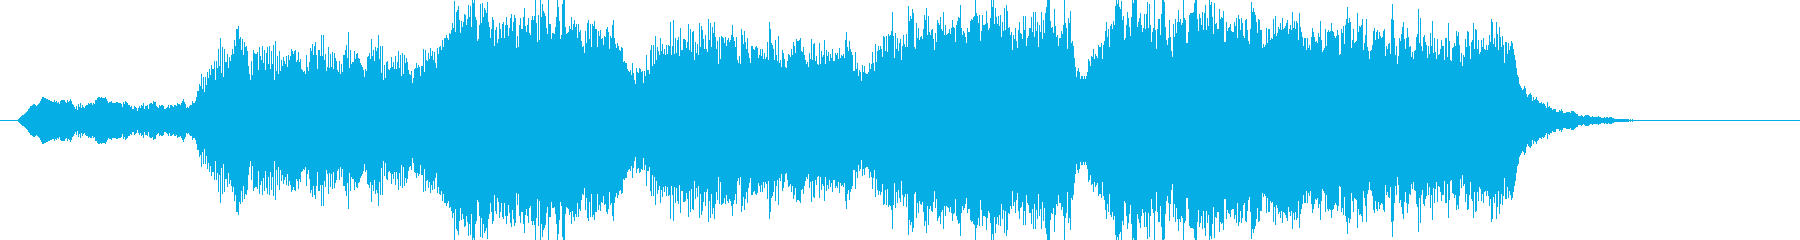 ファンファーレ・山頂の朝日の再生済みの波形